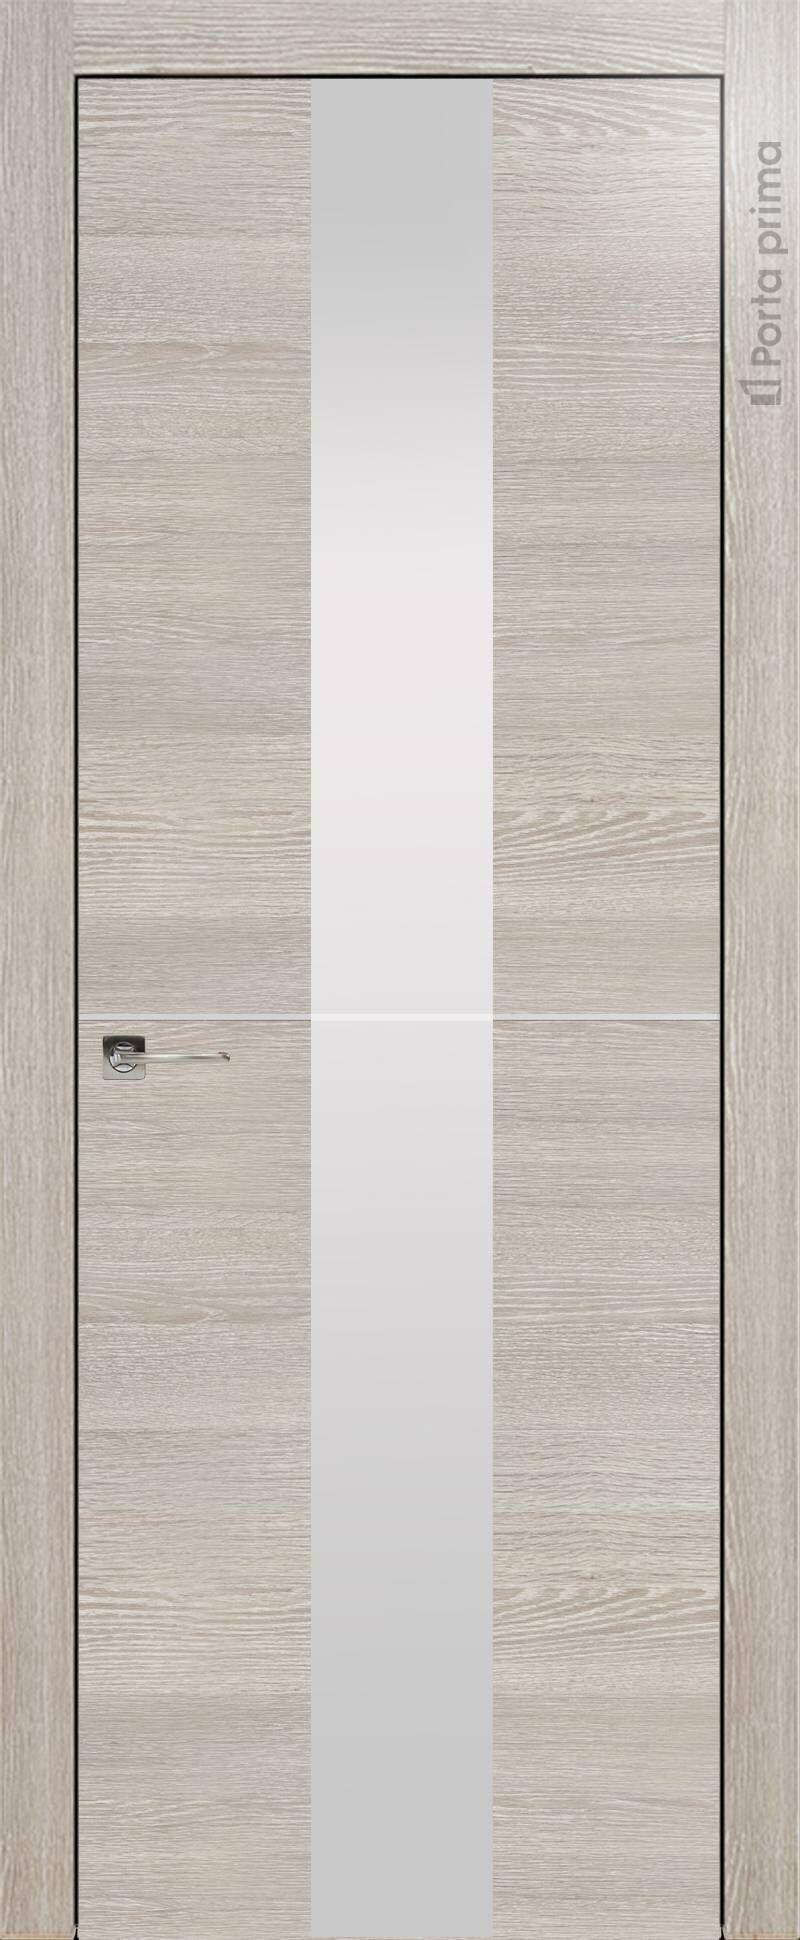 Tivoli Ж-3 цвет - Серый дуб Со стеклом (ДО)